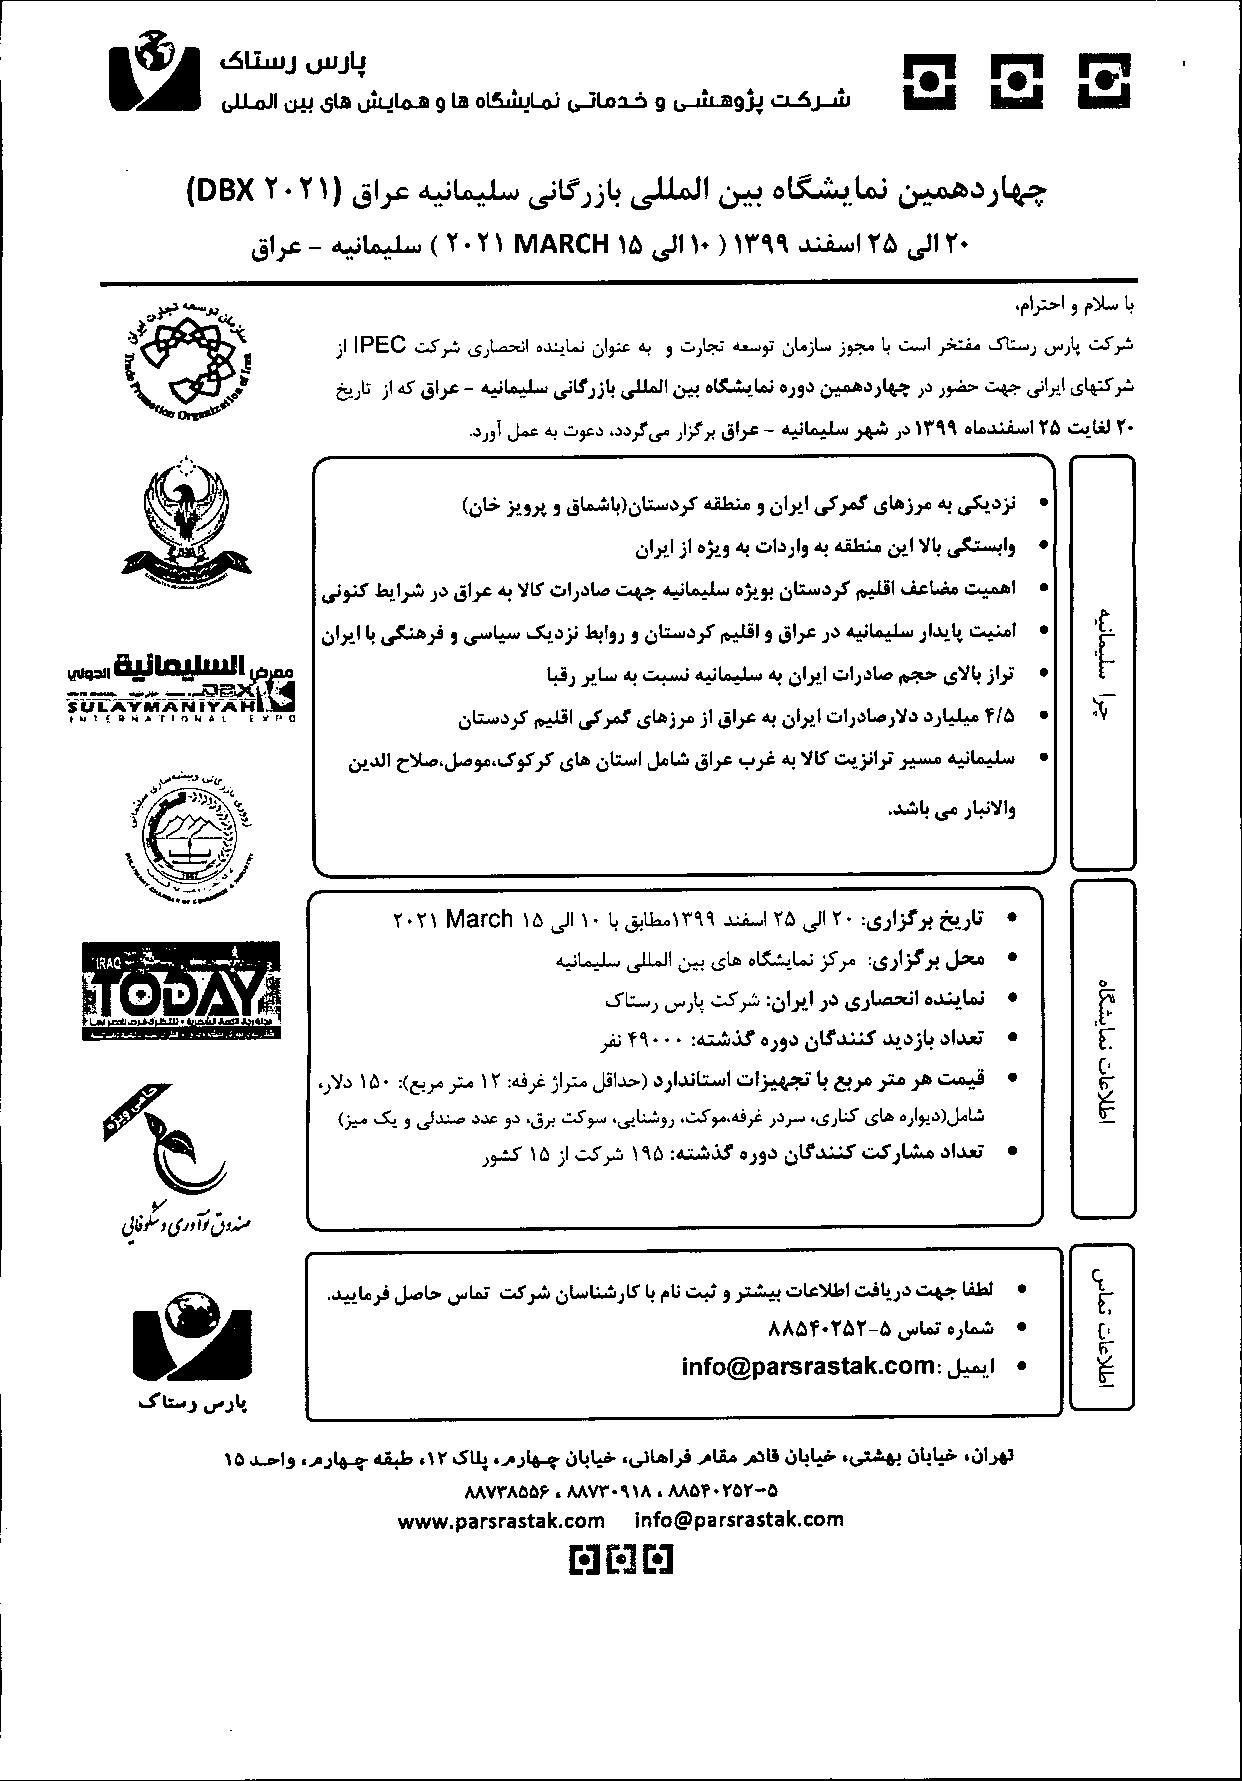 نمایشگاه جمهوری اسلامی ایران در شهر سلیمانیه اقلیم کردستان عراق